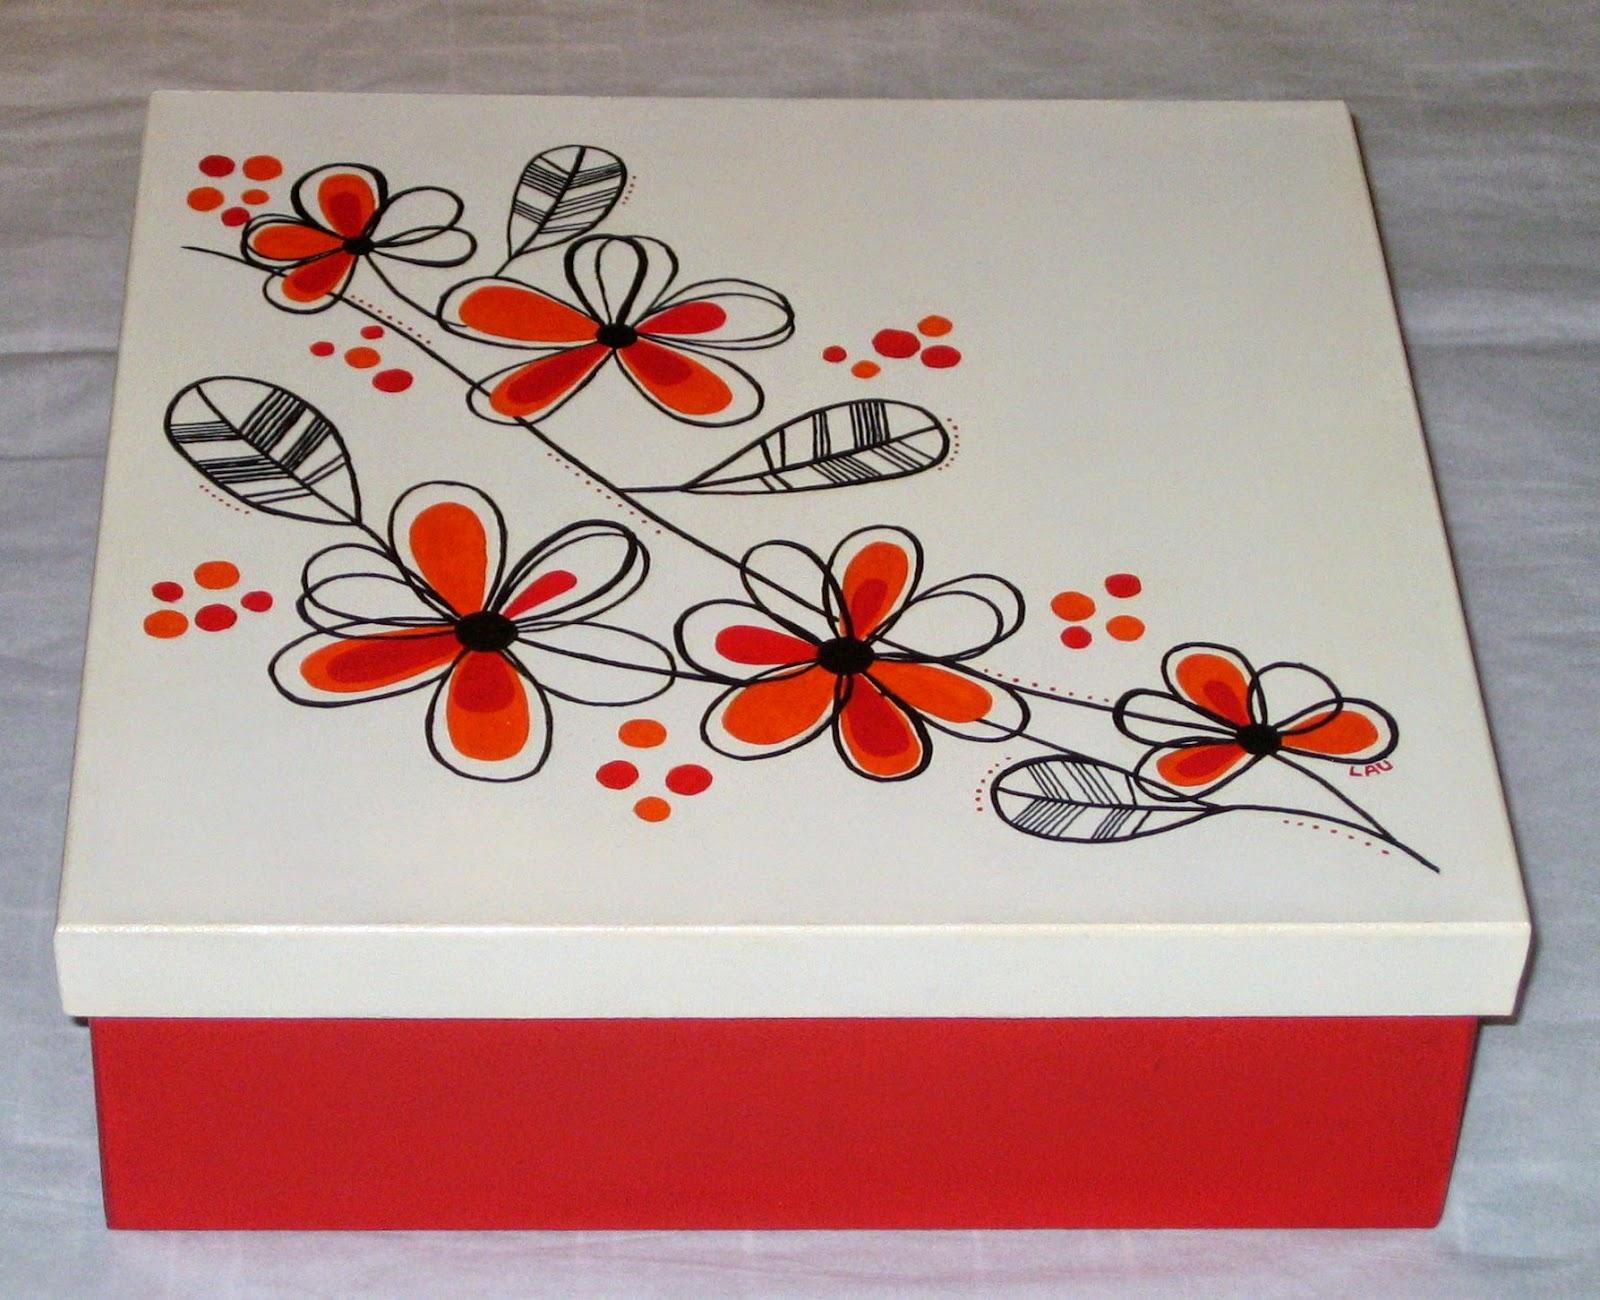 Artlaus arte y deco - Dibujos para decorar cajas de madera ...